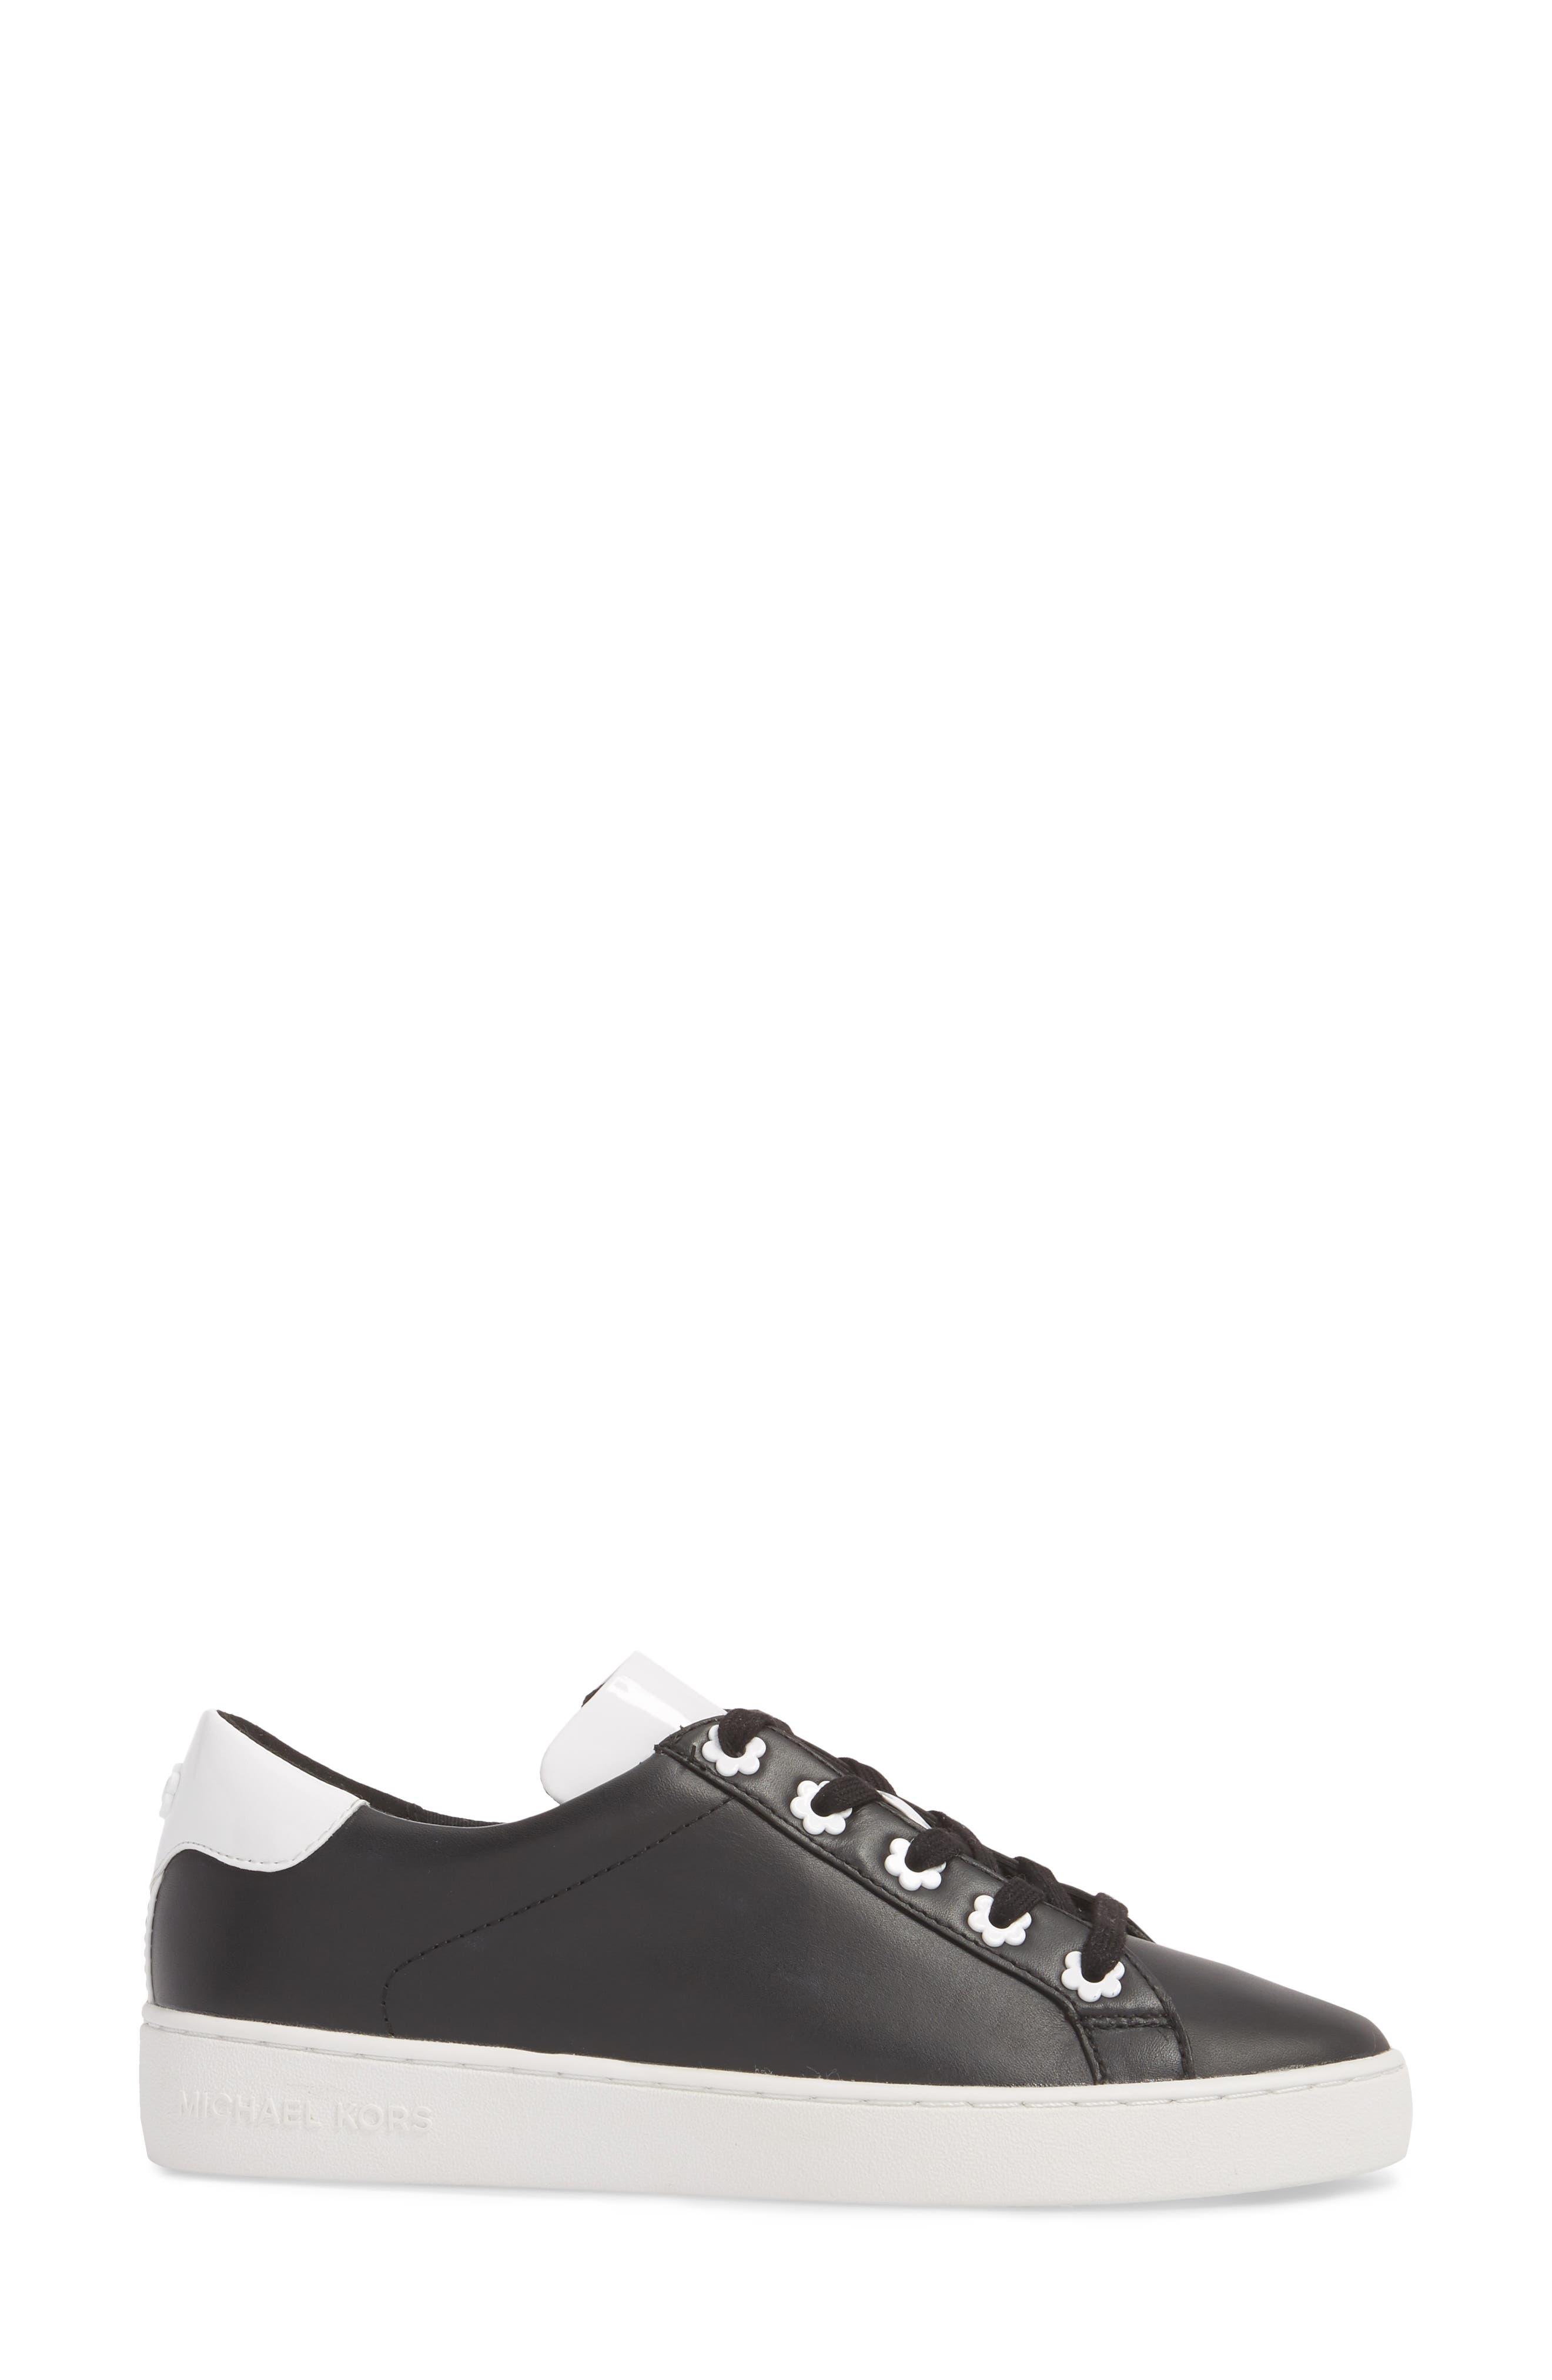 Irving Sneaker,                             Alternate thumbnail 3, color,                             Black/ Optic White